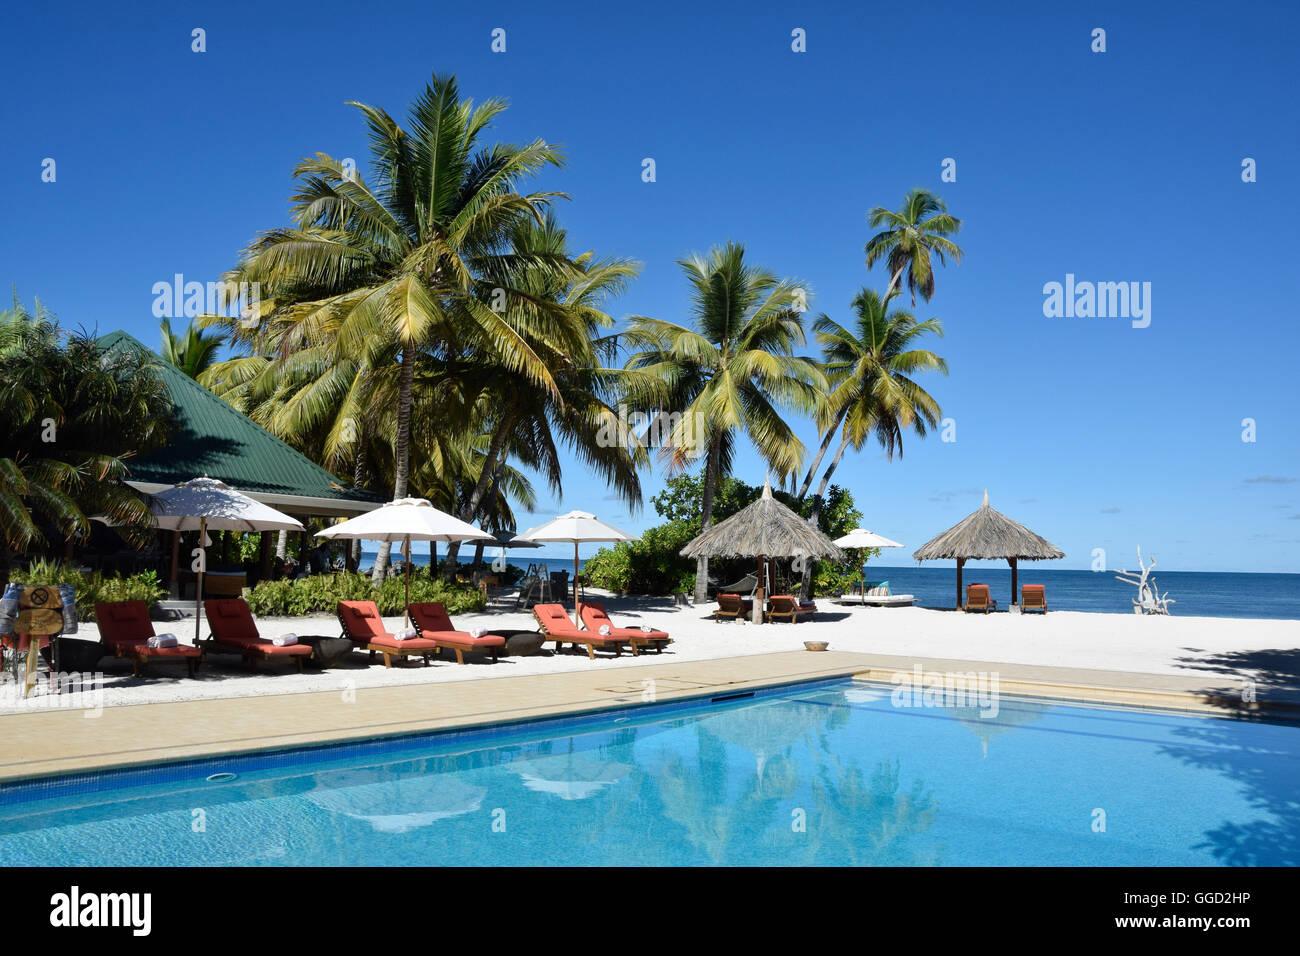 Desroches Island, Amirante Island, Seychelles